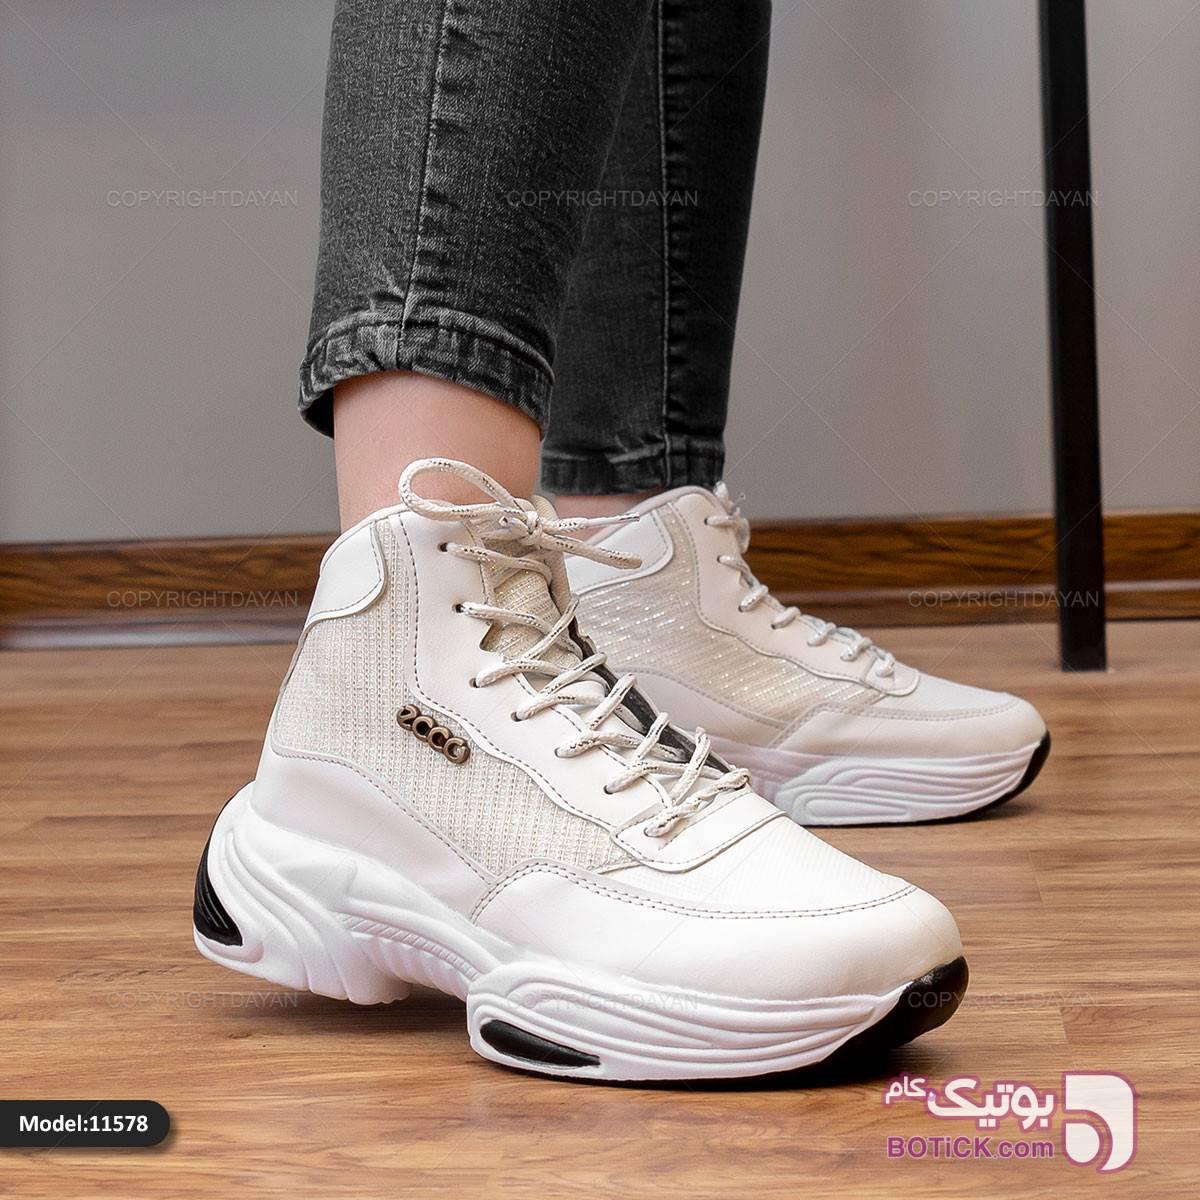 کفش زنانه Ecco مدل 11578 مشکی كتانی زنانه